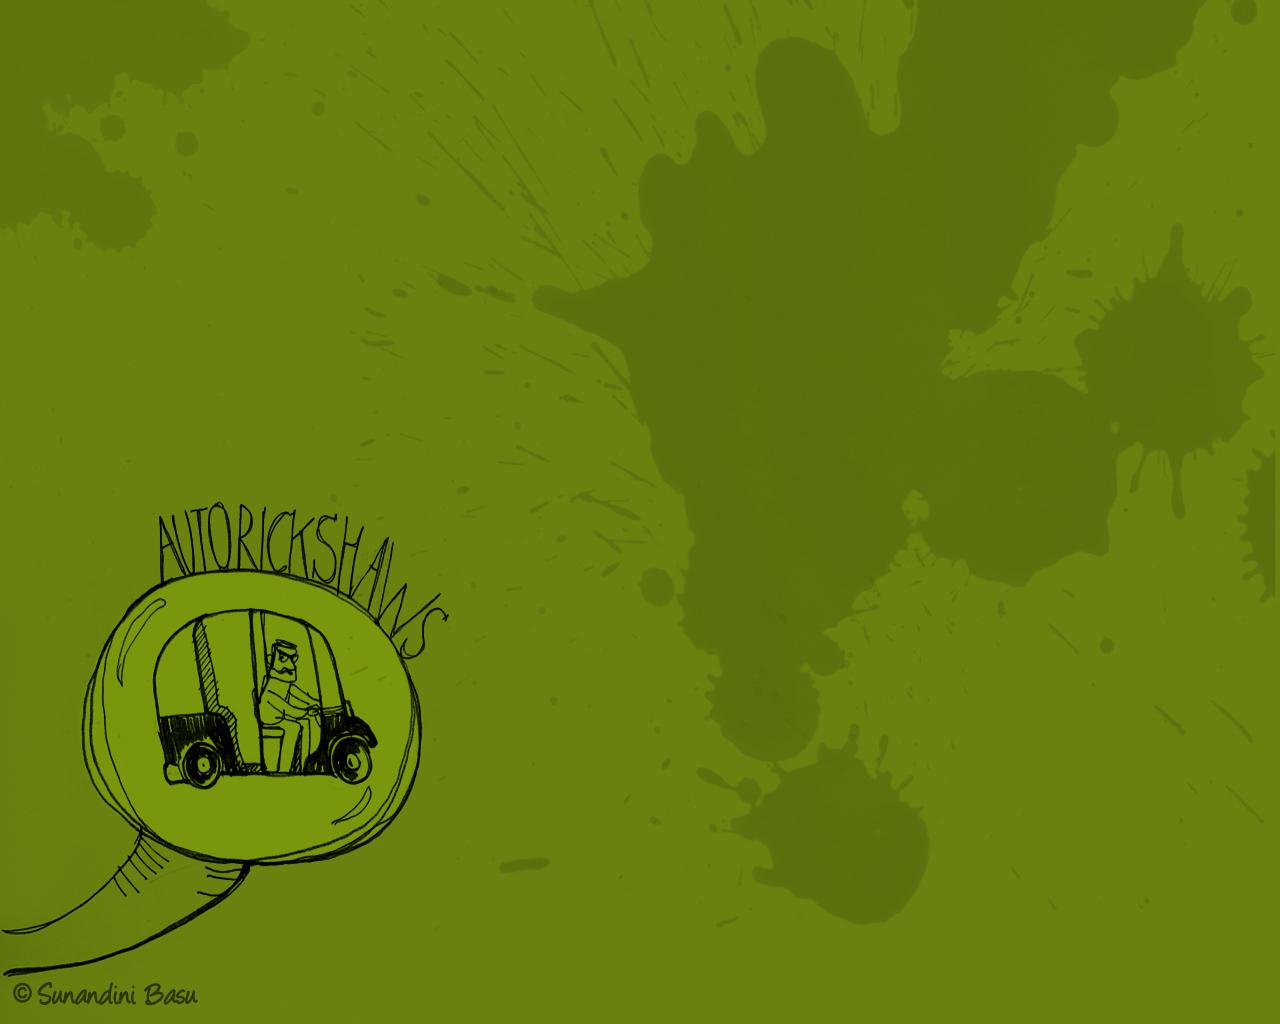 autorickshaw 1280*1024